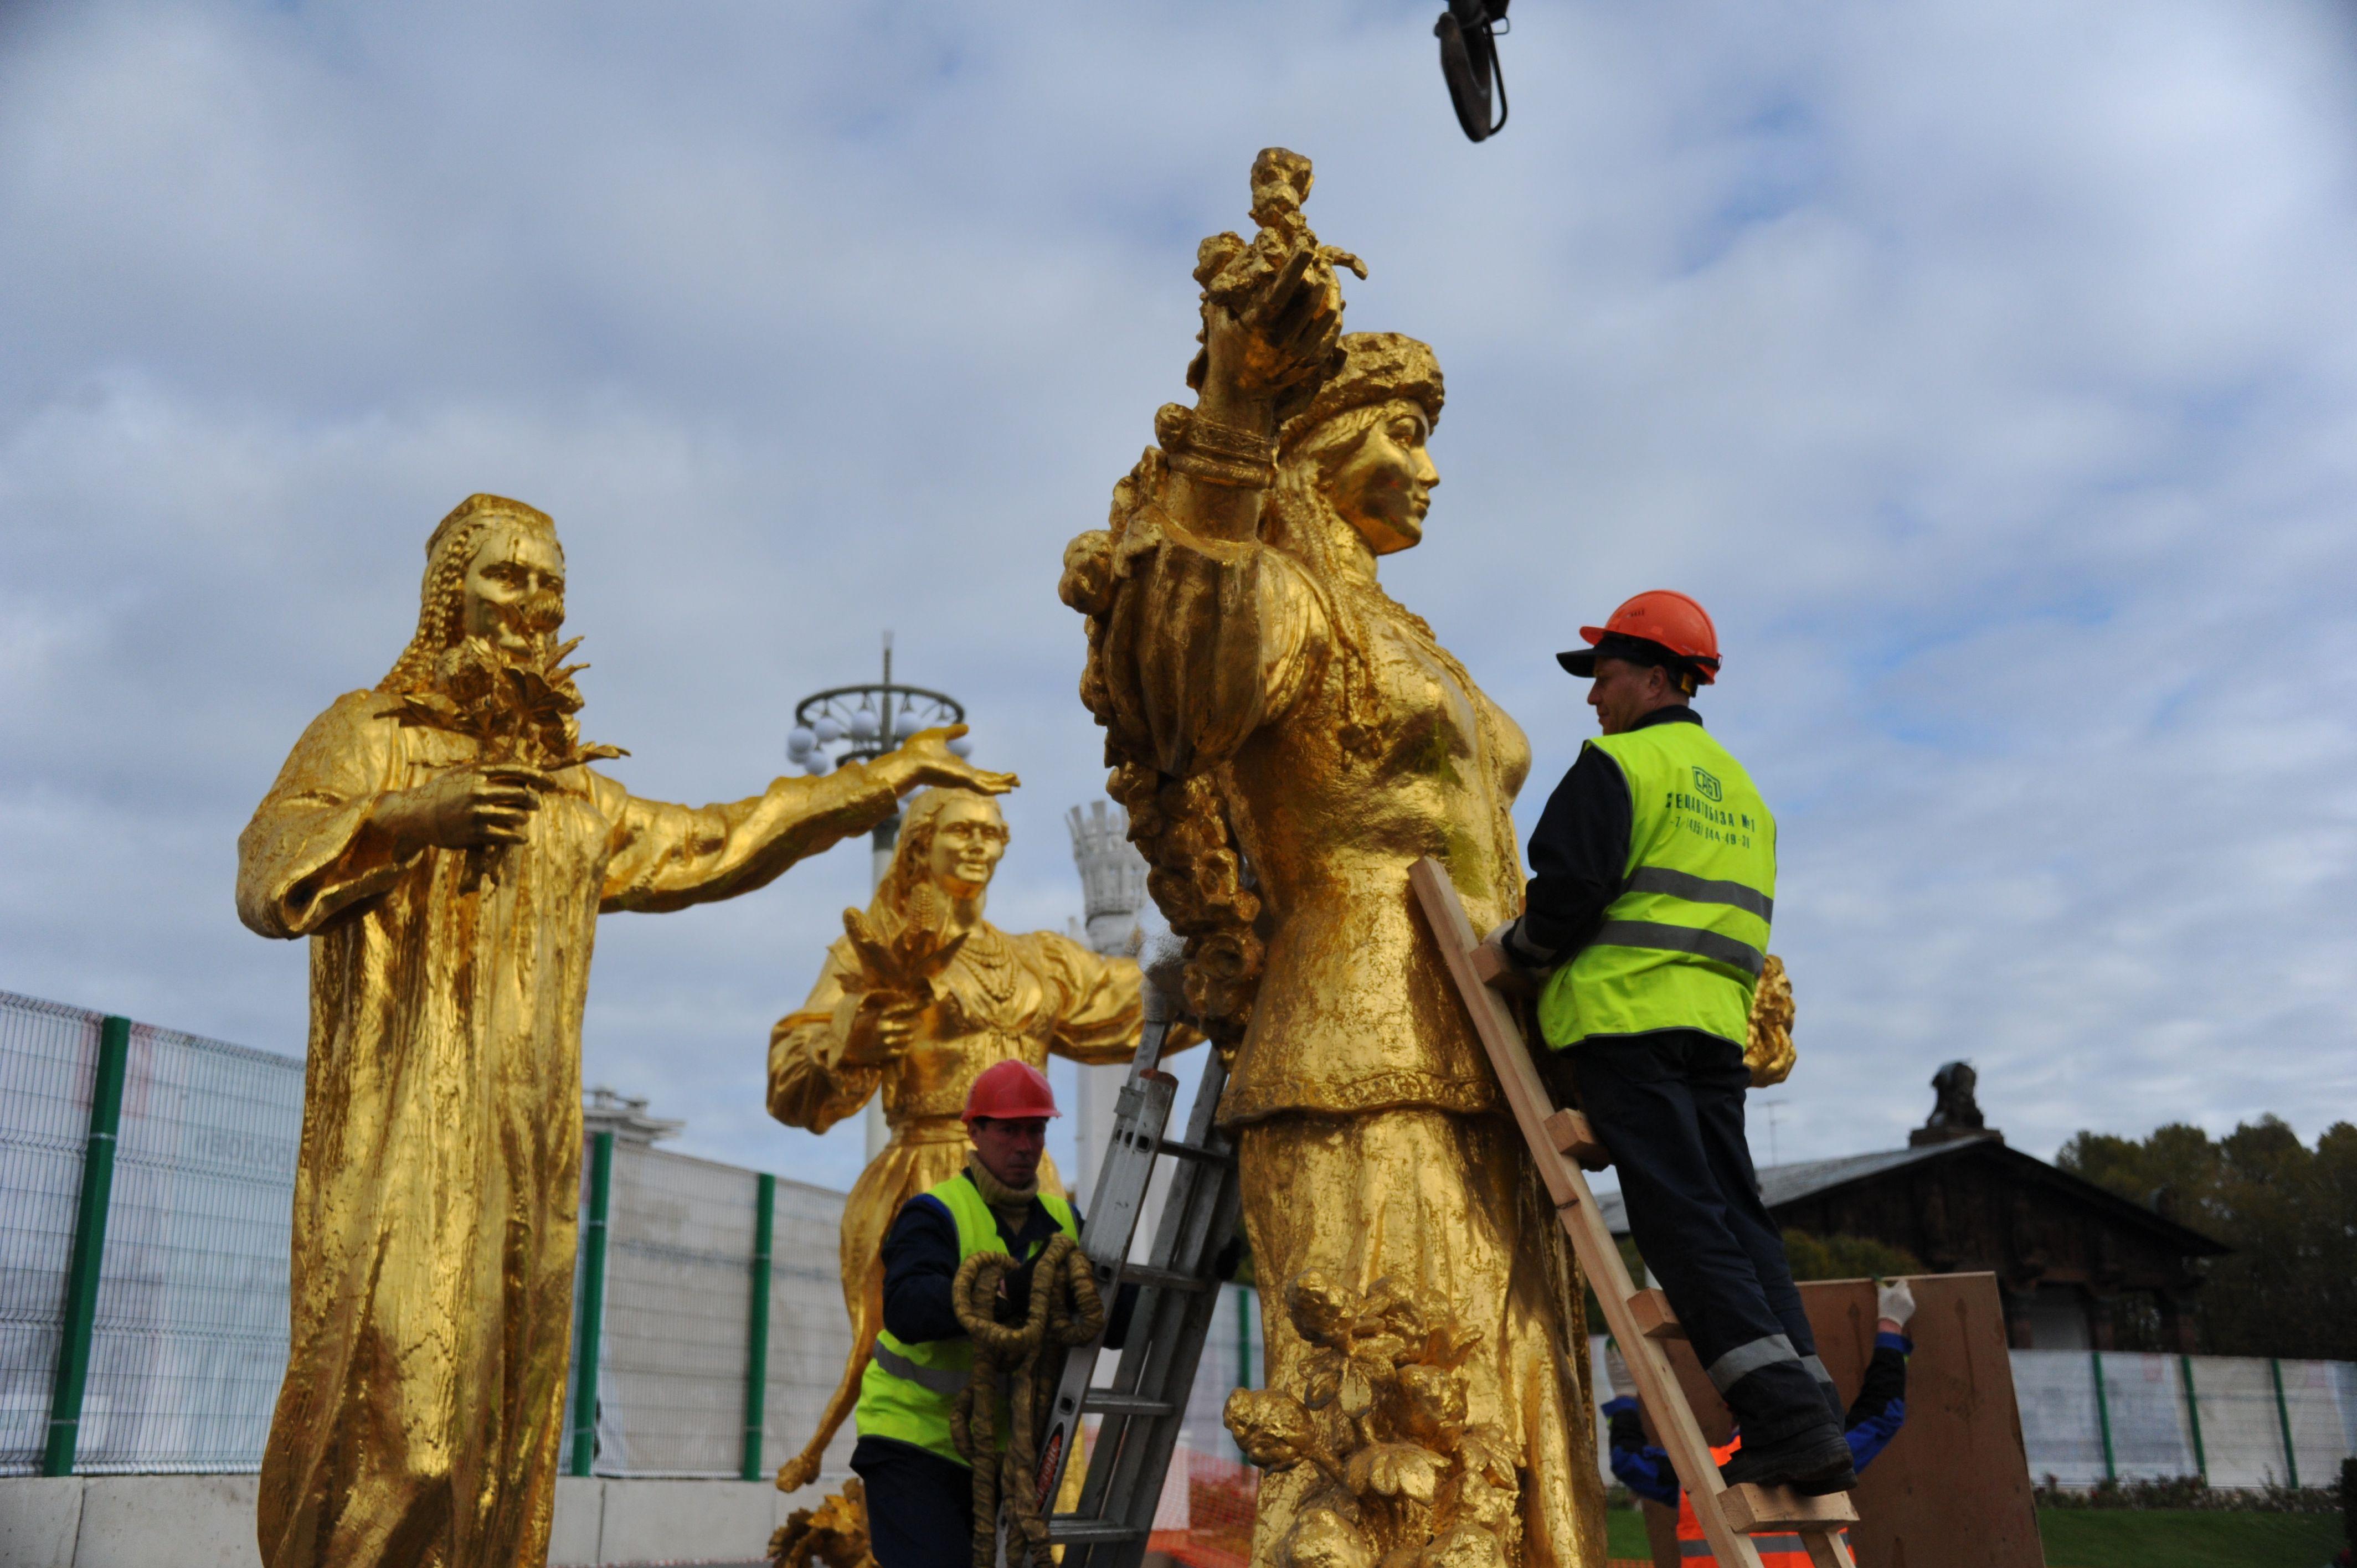 Реставраторы позолотили 10 из 16 скульптур фонтана «Дружба народов»